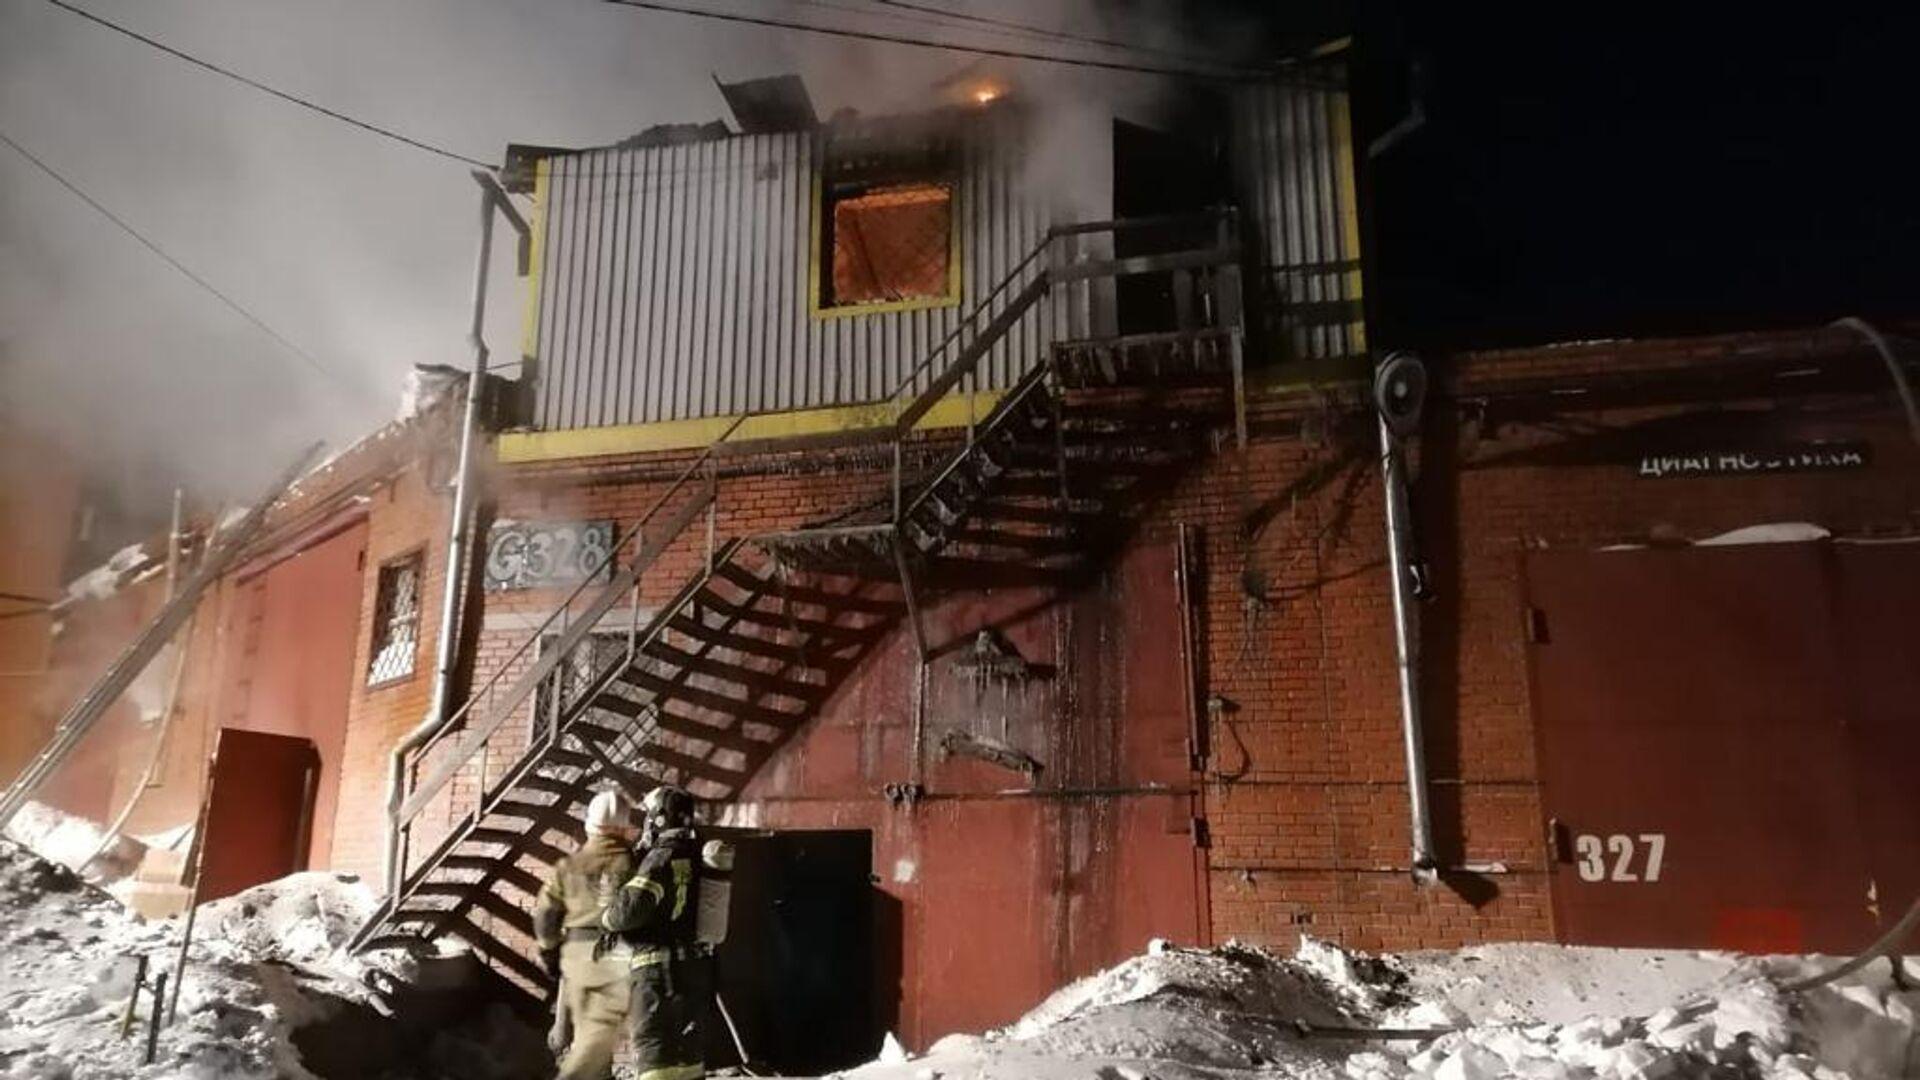 Пожар в гаражном комплексе Дзержинского района Новосибирска - РИА Новости, 1920, 19.01.2021